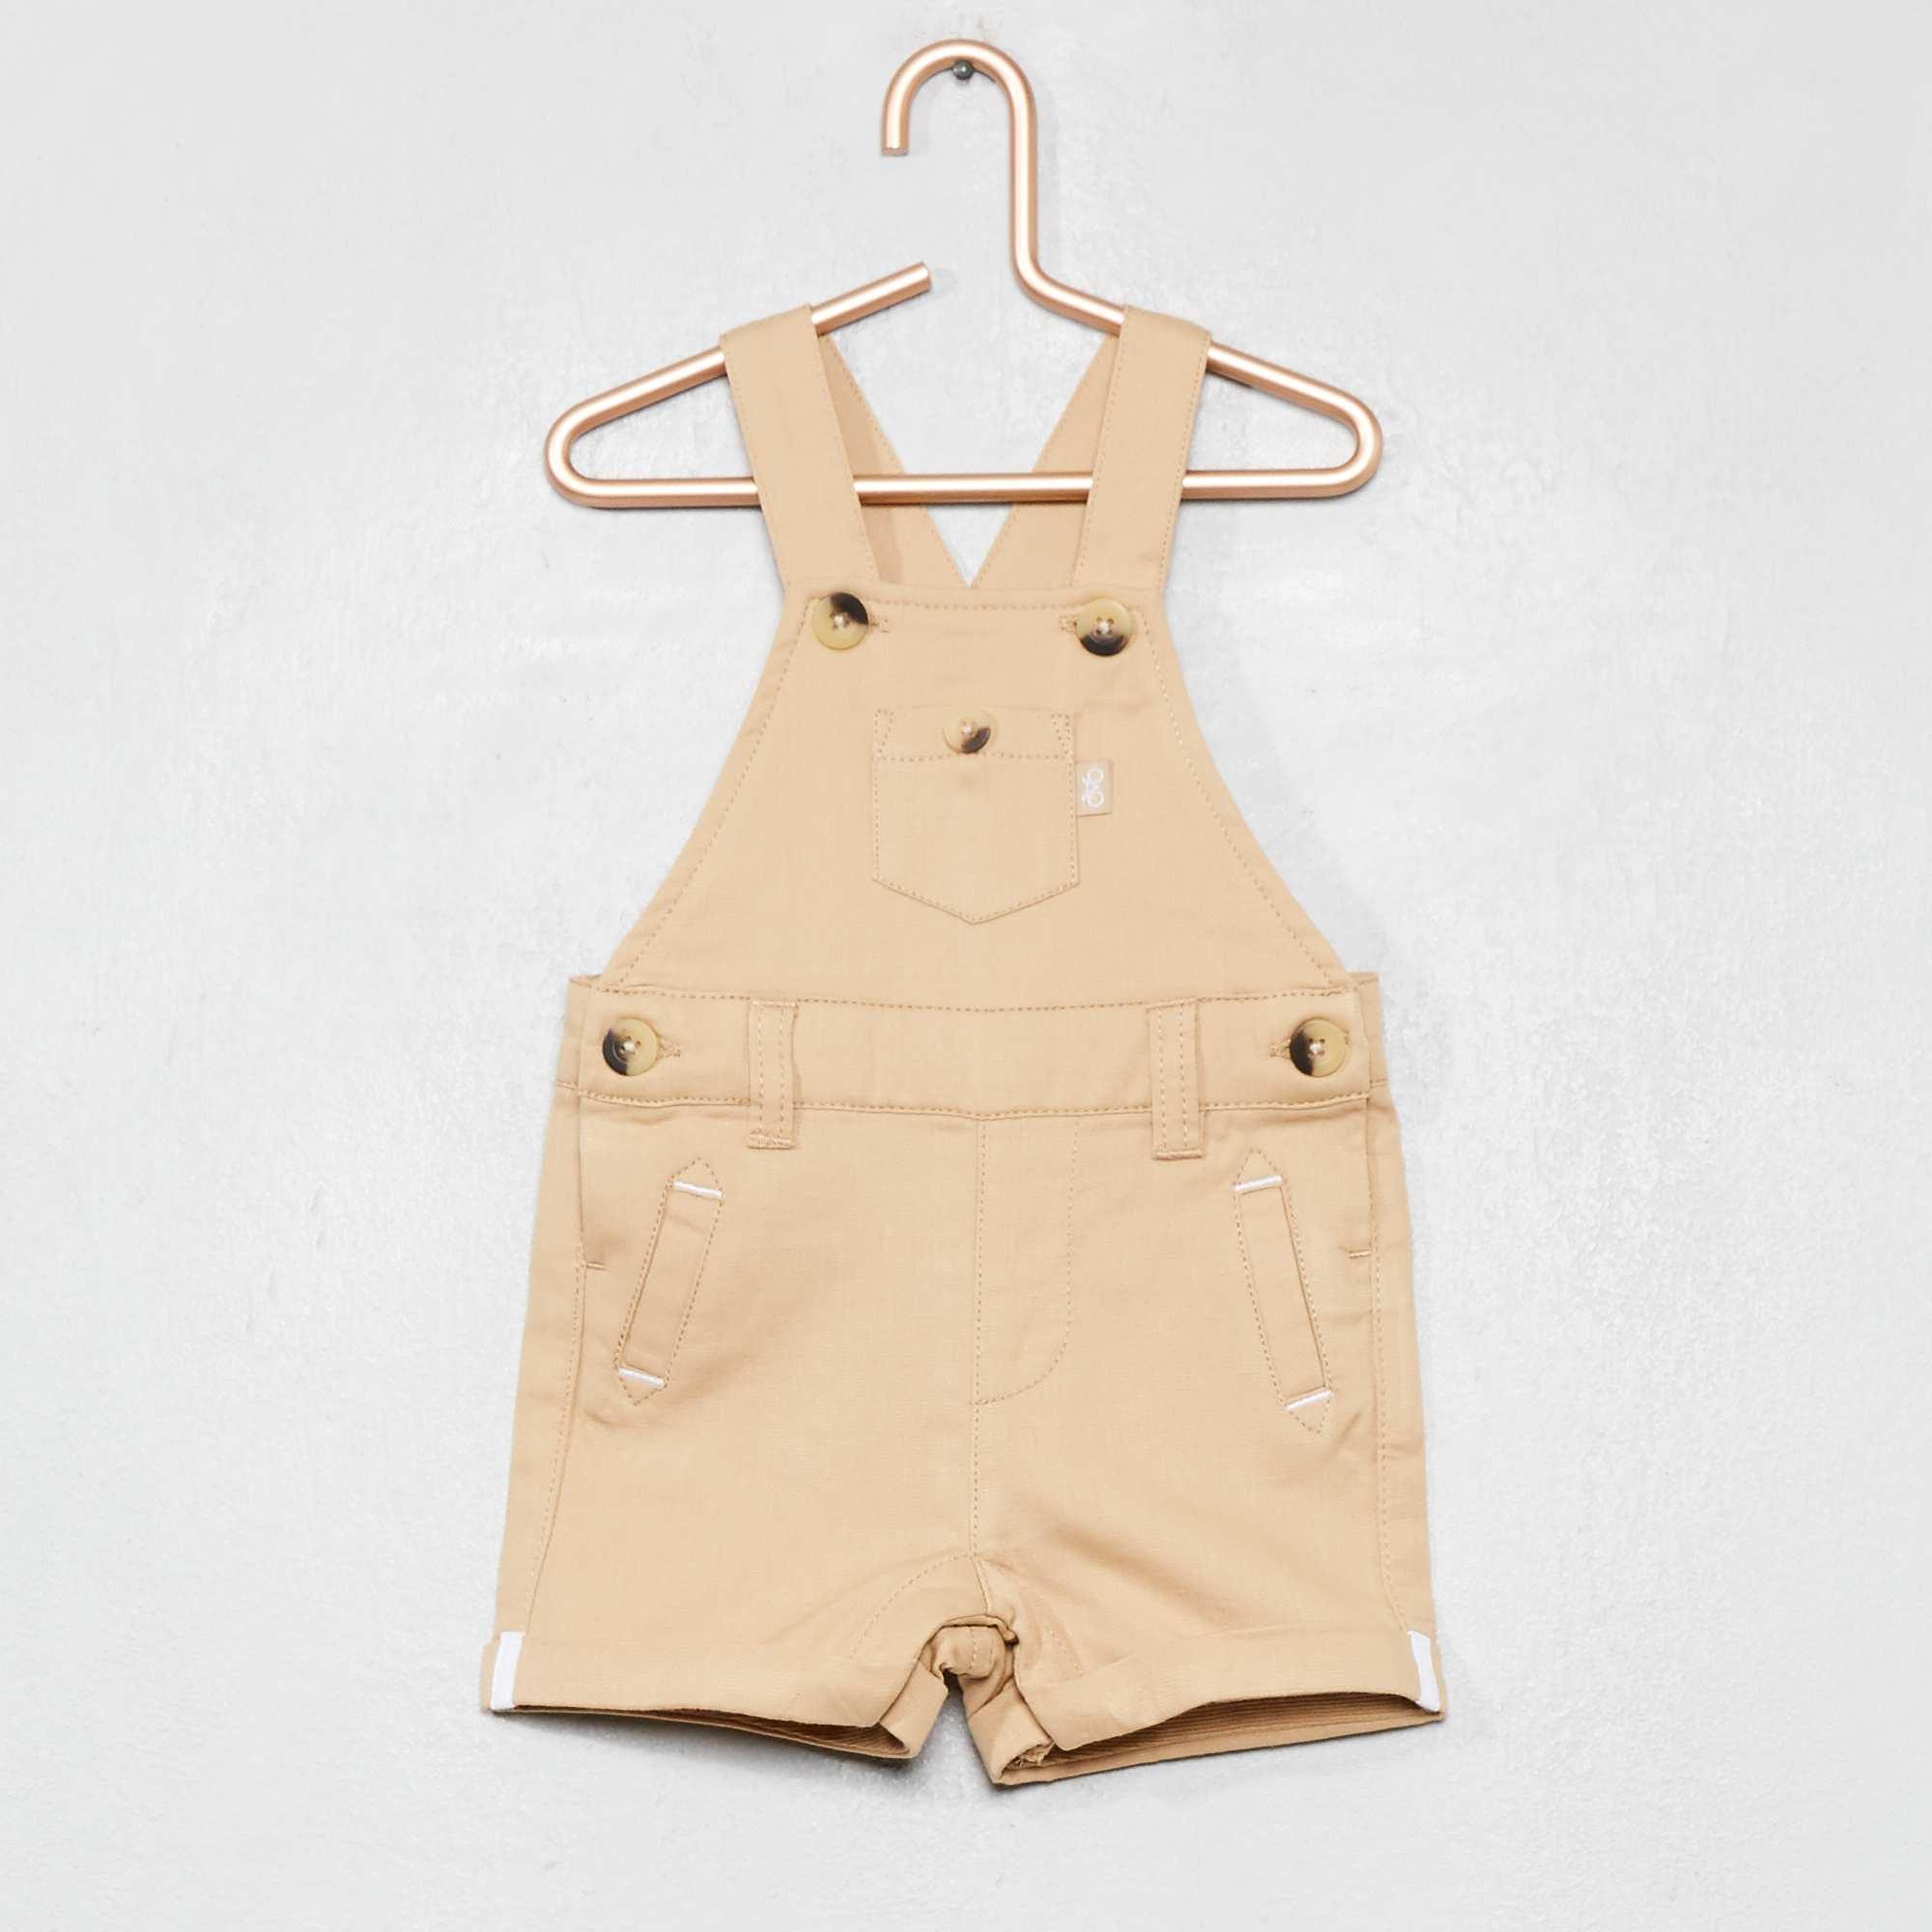 88e4109fd Peto corto de tejido de algodón puro Bebé niño - BEIGE - Kiabi - 13